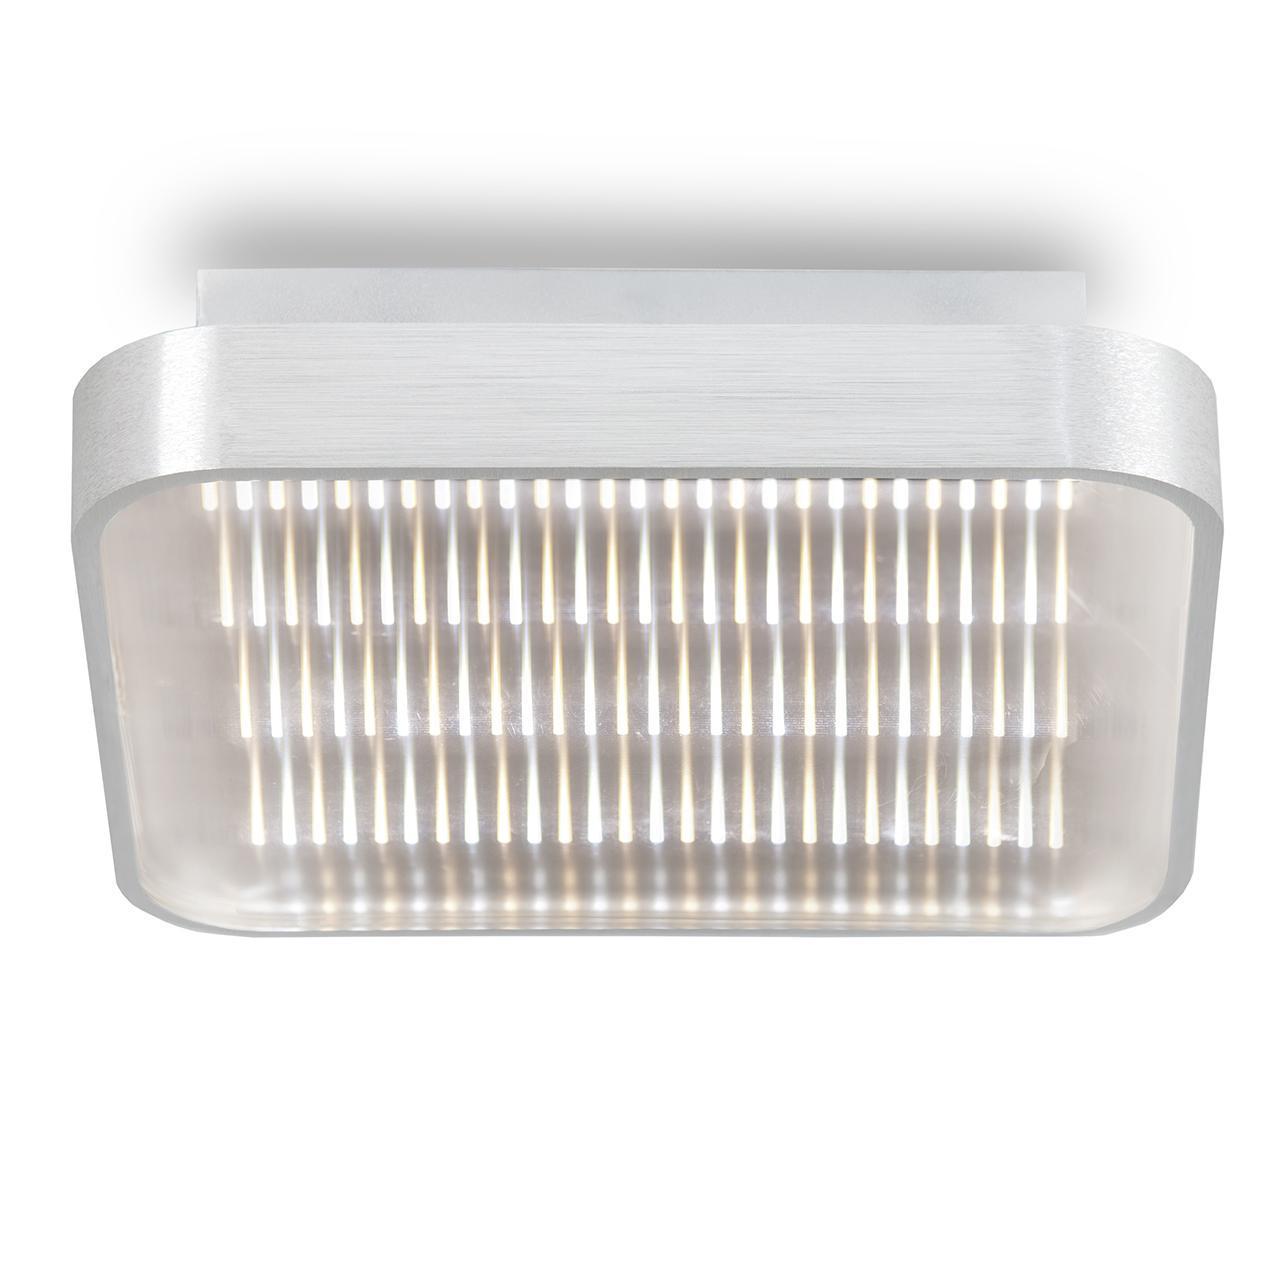 Потолочный светодиодный светильник Mantra Reflex 5341 потолочный светодиодный светильник mantra reflex 5341